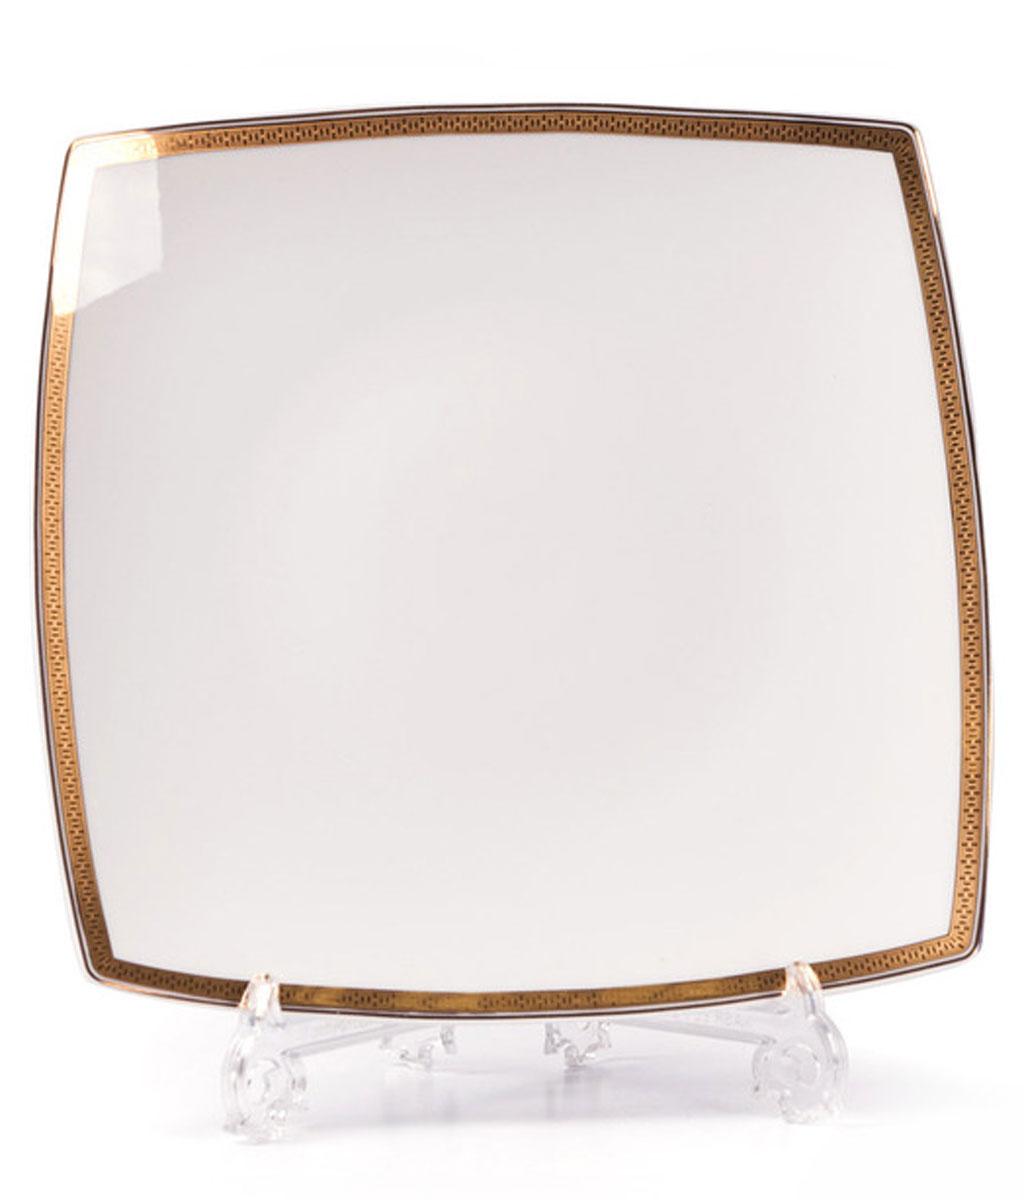 Kyoto 1555 набор тарелок для десерта, 6 шт/уп, цвет: белый с золотом719101 1555В наборе тарелка 22 см 6 штук Материал: фарфор: цвет: белый с золотомСерия: KYOTO